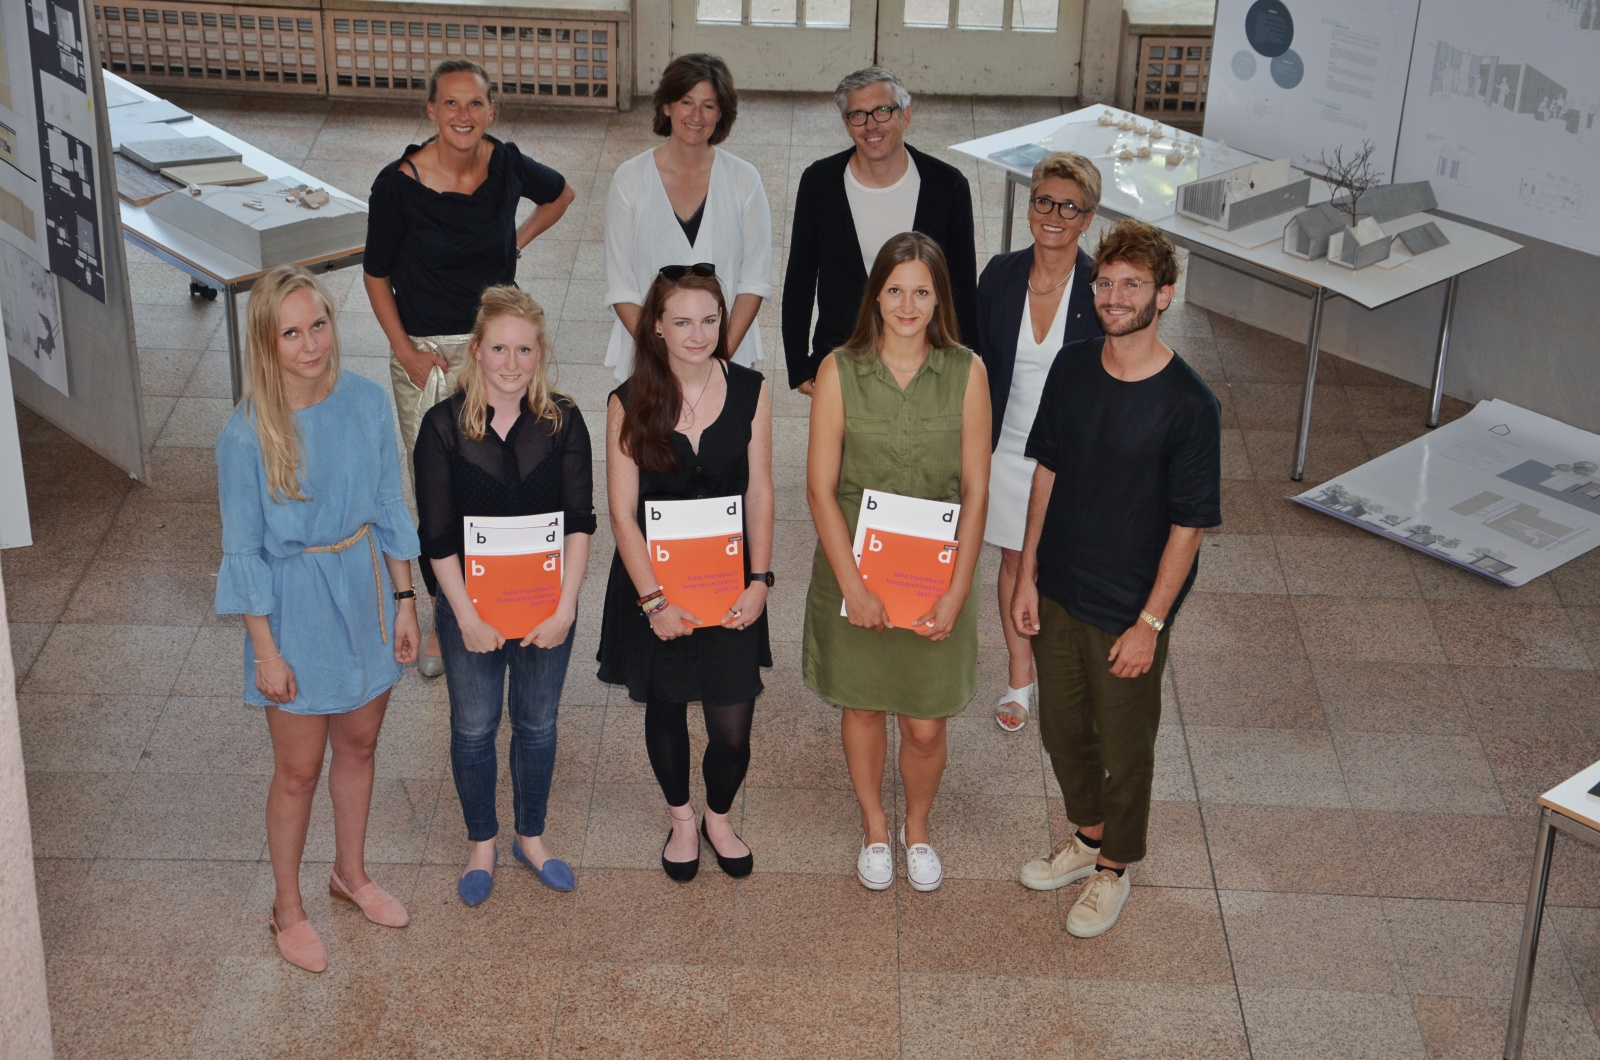 Rosenheim Innenarchitektur kategorie bdia bayern seite 5 18 bund deutscher